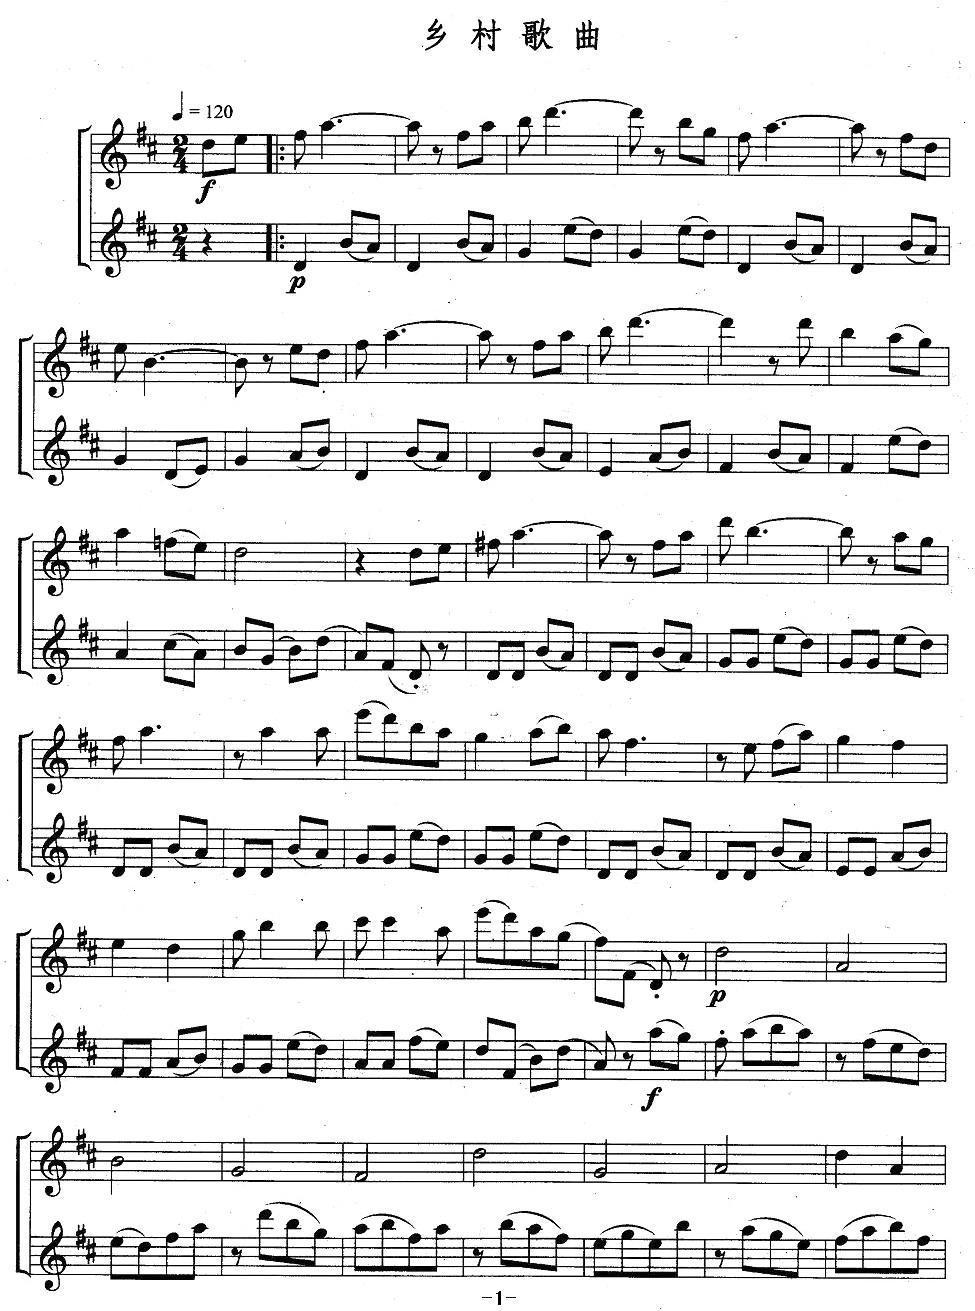 重奏歌曲谱_二胡重奏谱